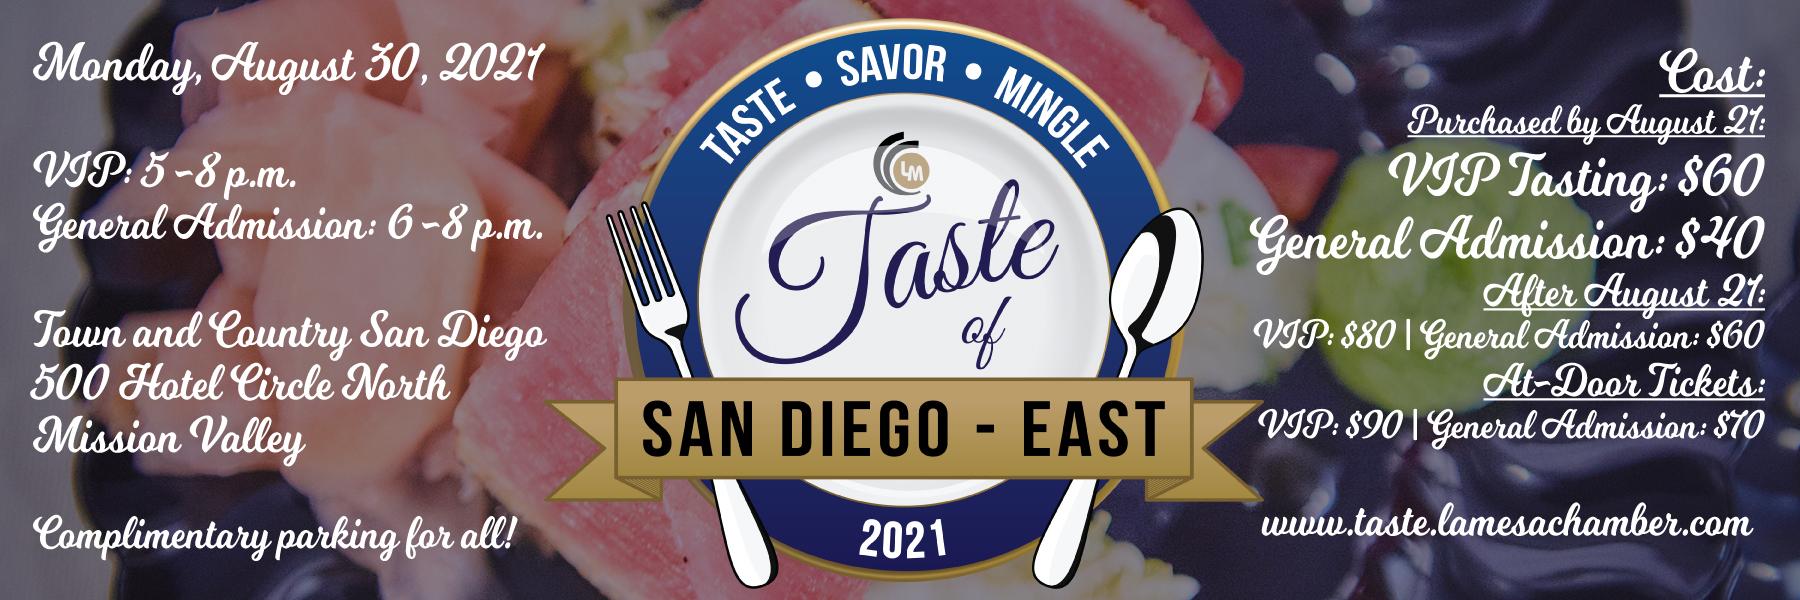 Taste of San Diego - East 2021